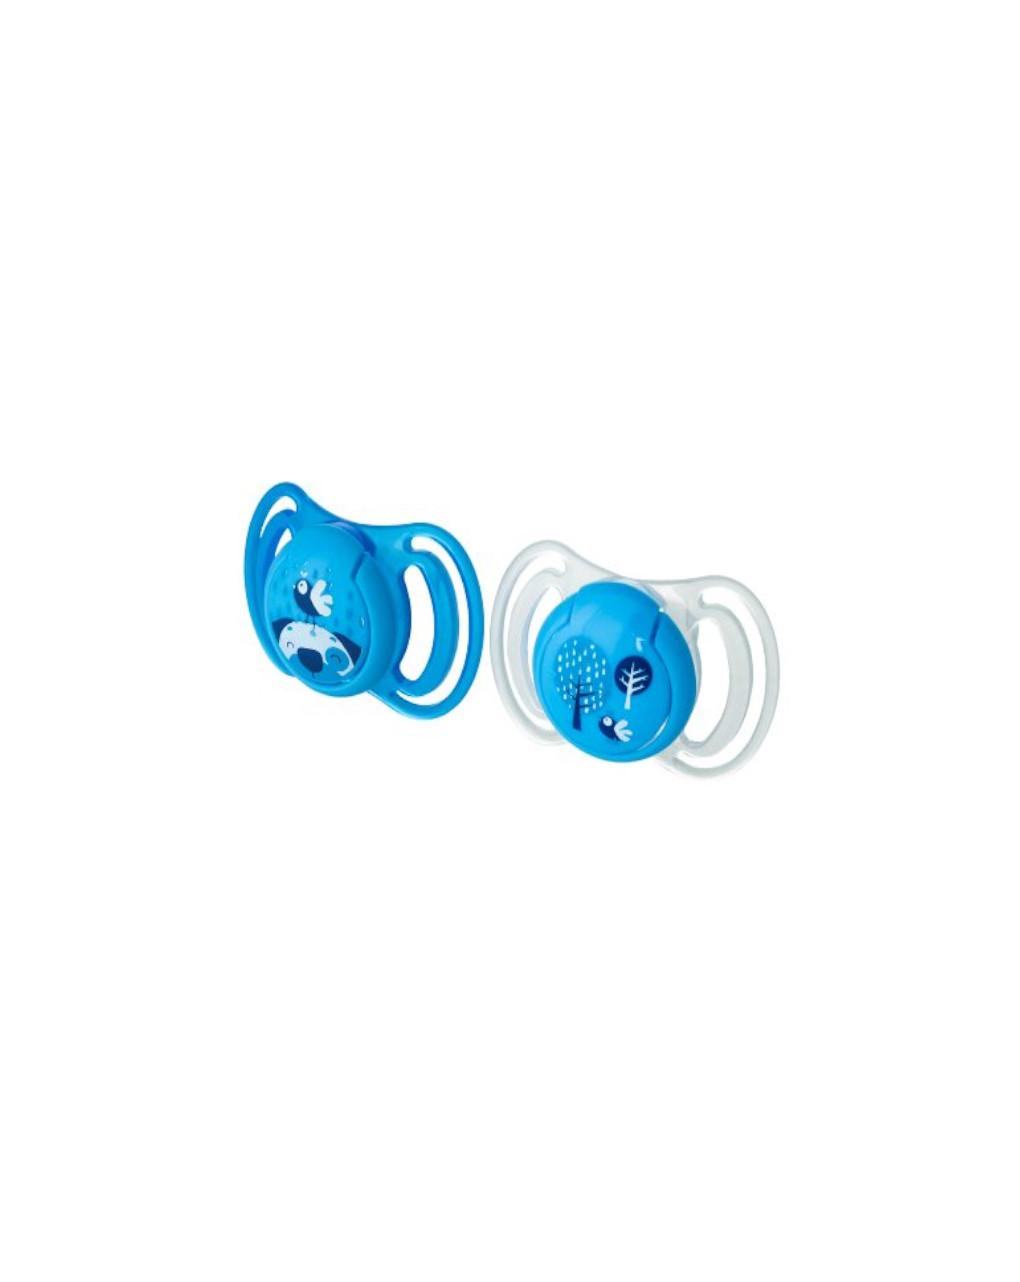 Succhietti light silicone 6m+ blu - Neo Baby